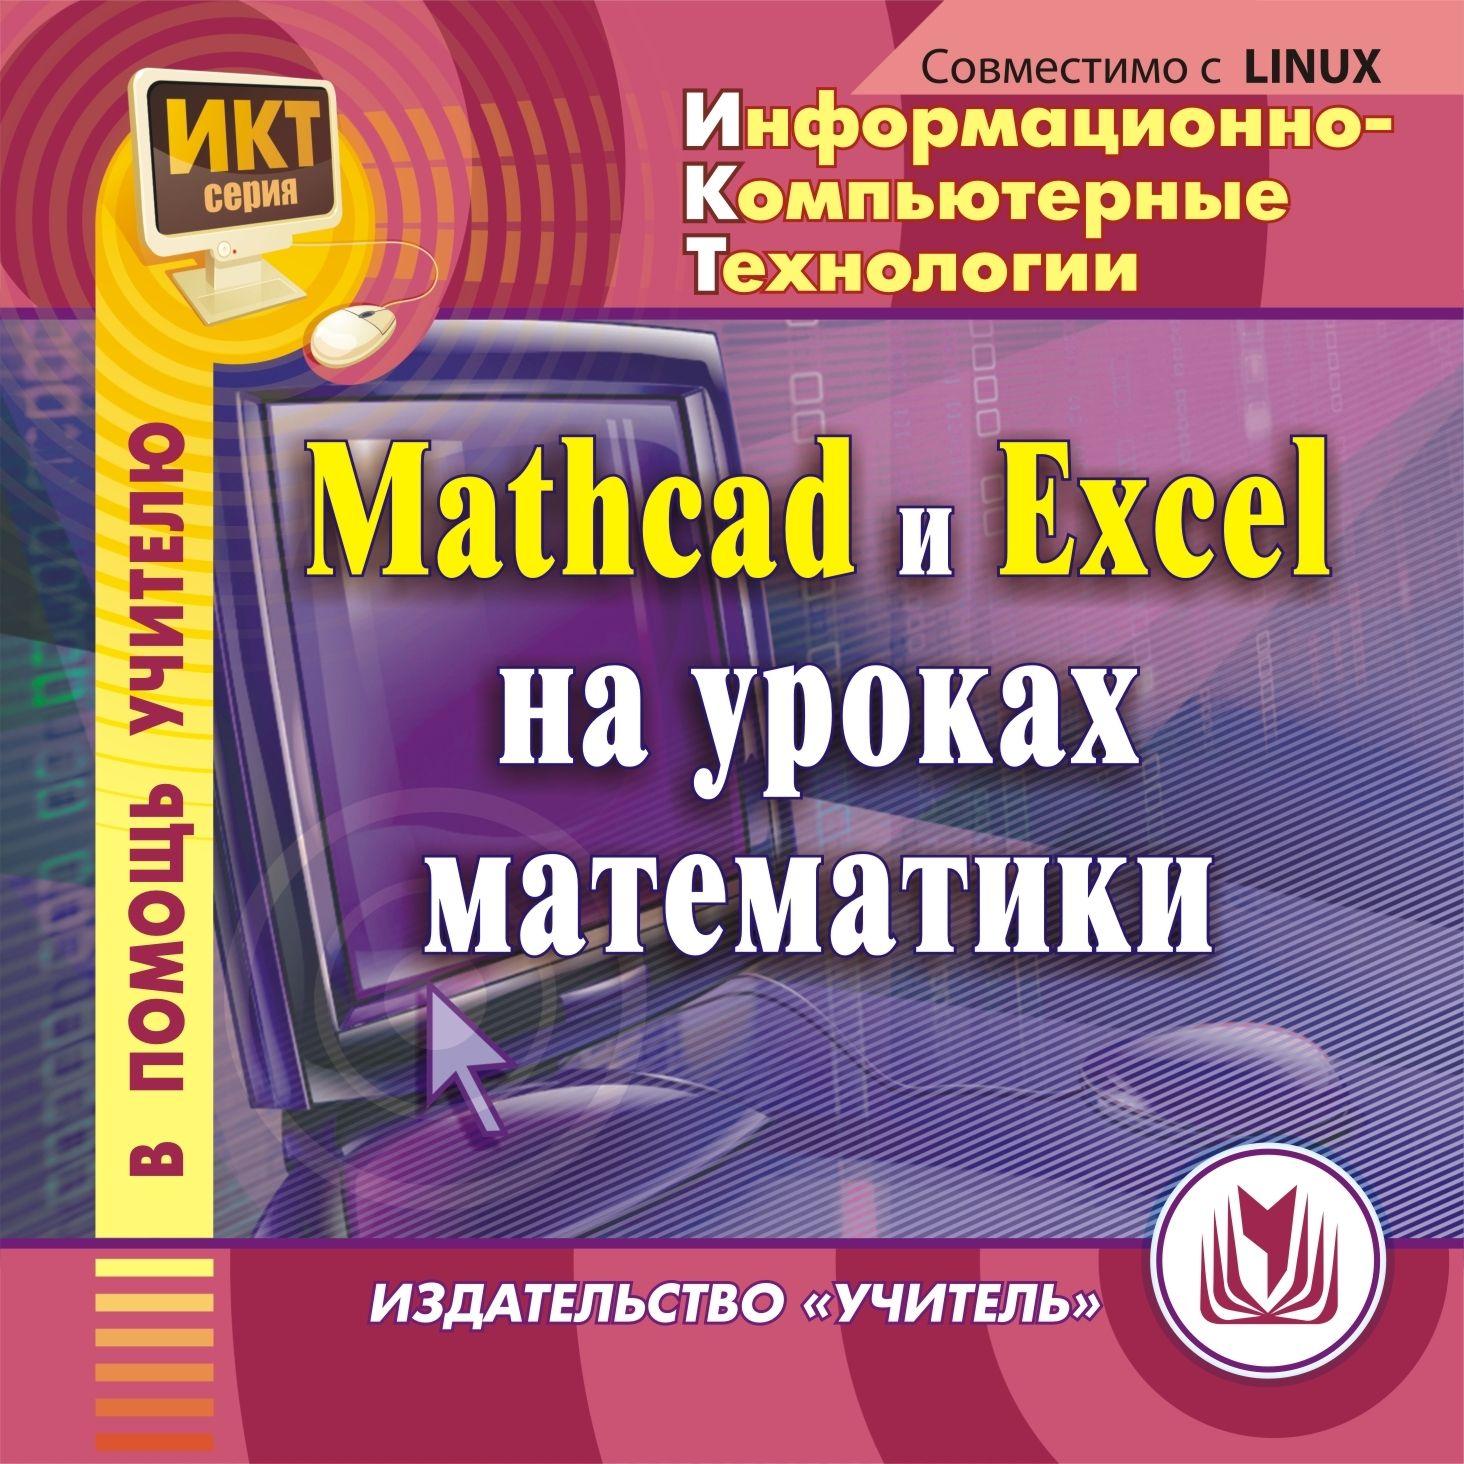 MathCad и Exсel на уроках математики. Компакт-диск для компьютераПредметы<br>Электронное пособие Mathcad и Excel на уроках математики серии Информационно-компьютерные технологии предназначено для обучения школьников использованию табличного процессора Excel и системы компьютерной математики Mathcad для решения уравнений и нера...<br><br>Авторы: Черняк А. А., Черняк Ж. А.<br>Год: 2011<br>Серия: Информационно-компьютерные технологии<br>Высота: 125<br>Ширина: 141<br>Толщина: 10